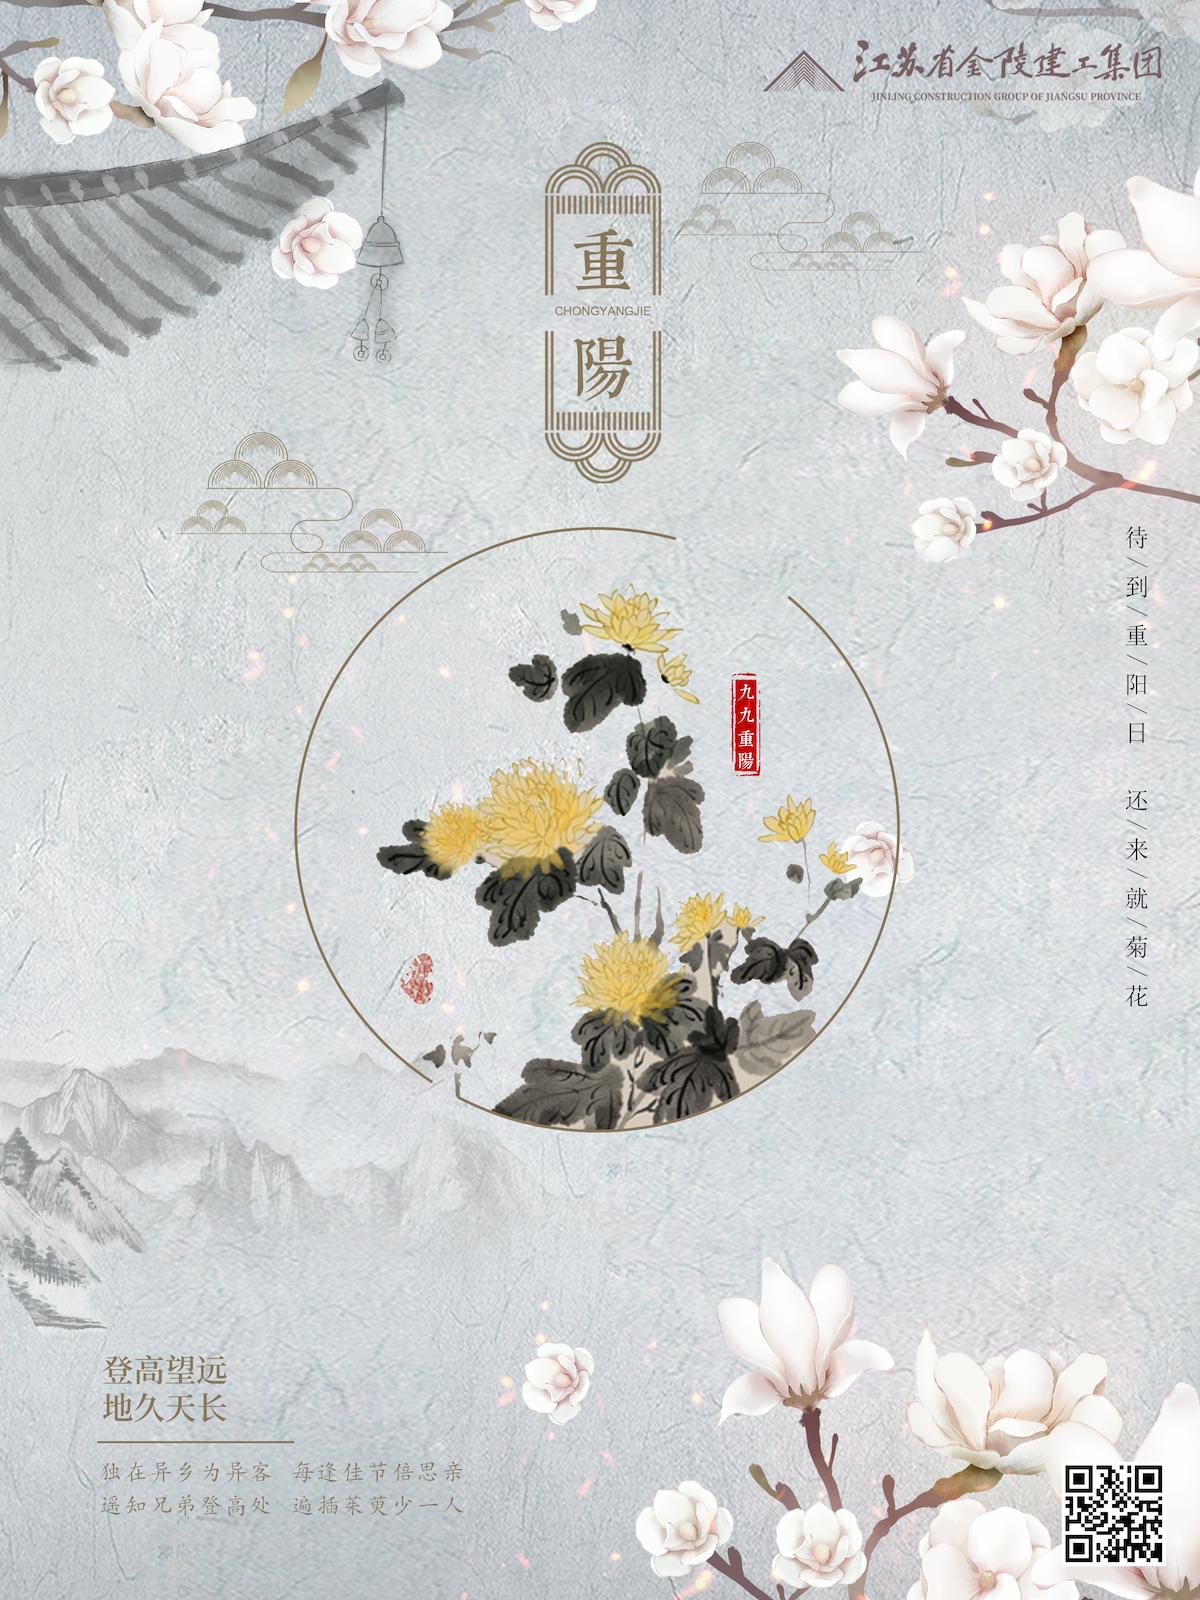 【节日】重阳节